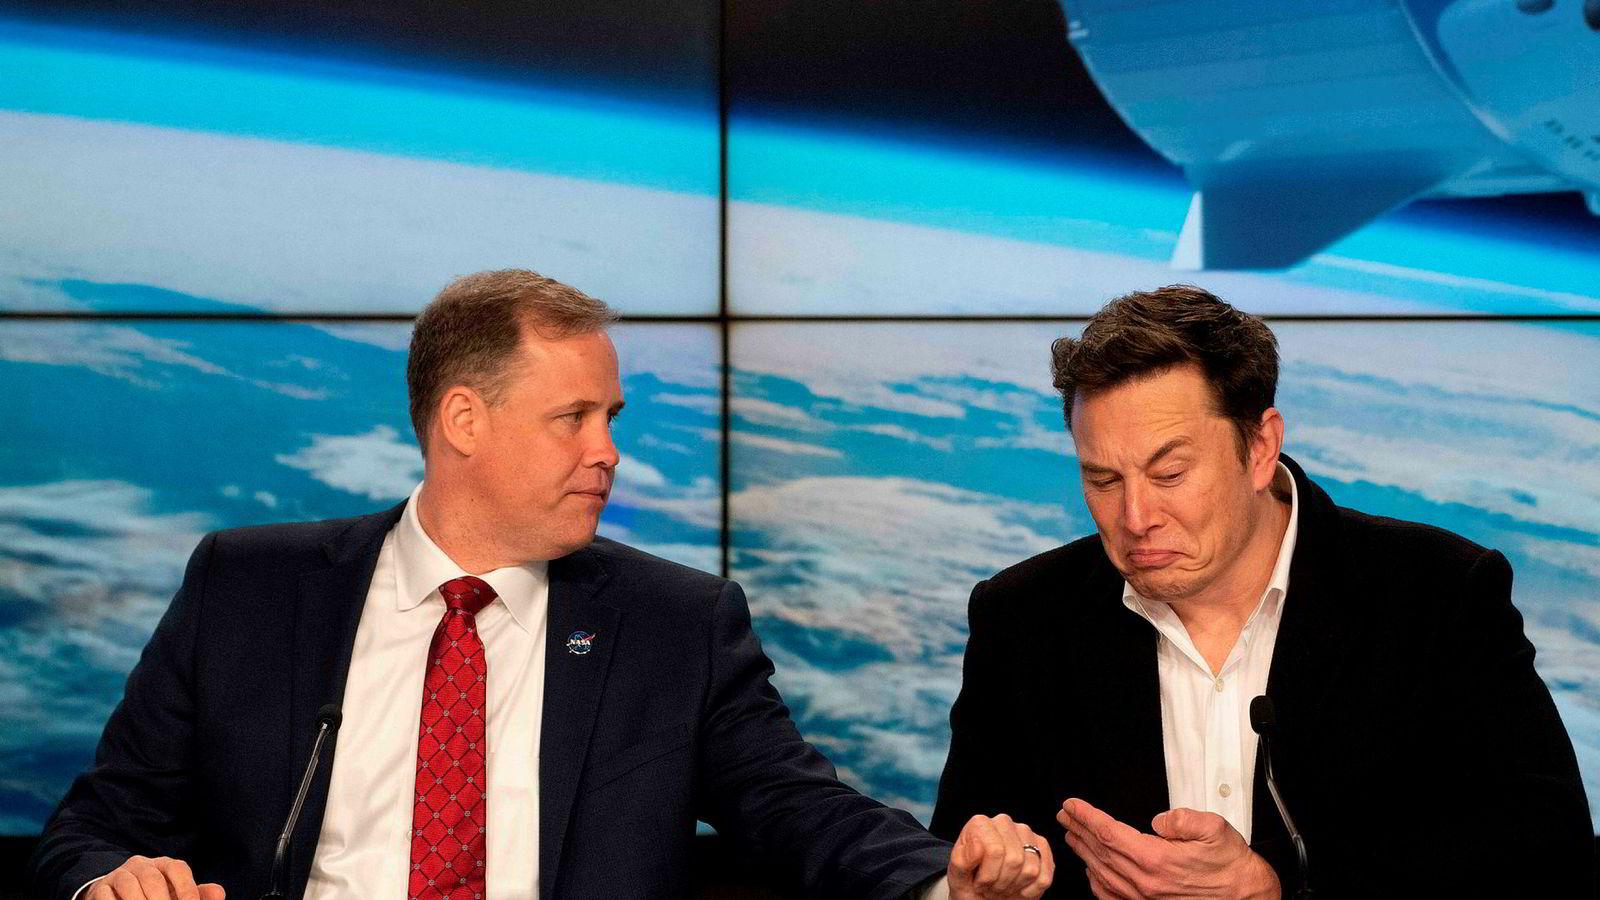 NASA-toppsjef Jim Bridenstine (t.v.) og Tesla-gründer og SpaceX-sjef Elon Musk på en pressekonferanse etter oppskytingen av en ubemannet Crew Dragon i mars.